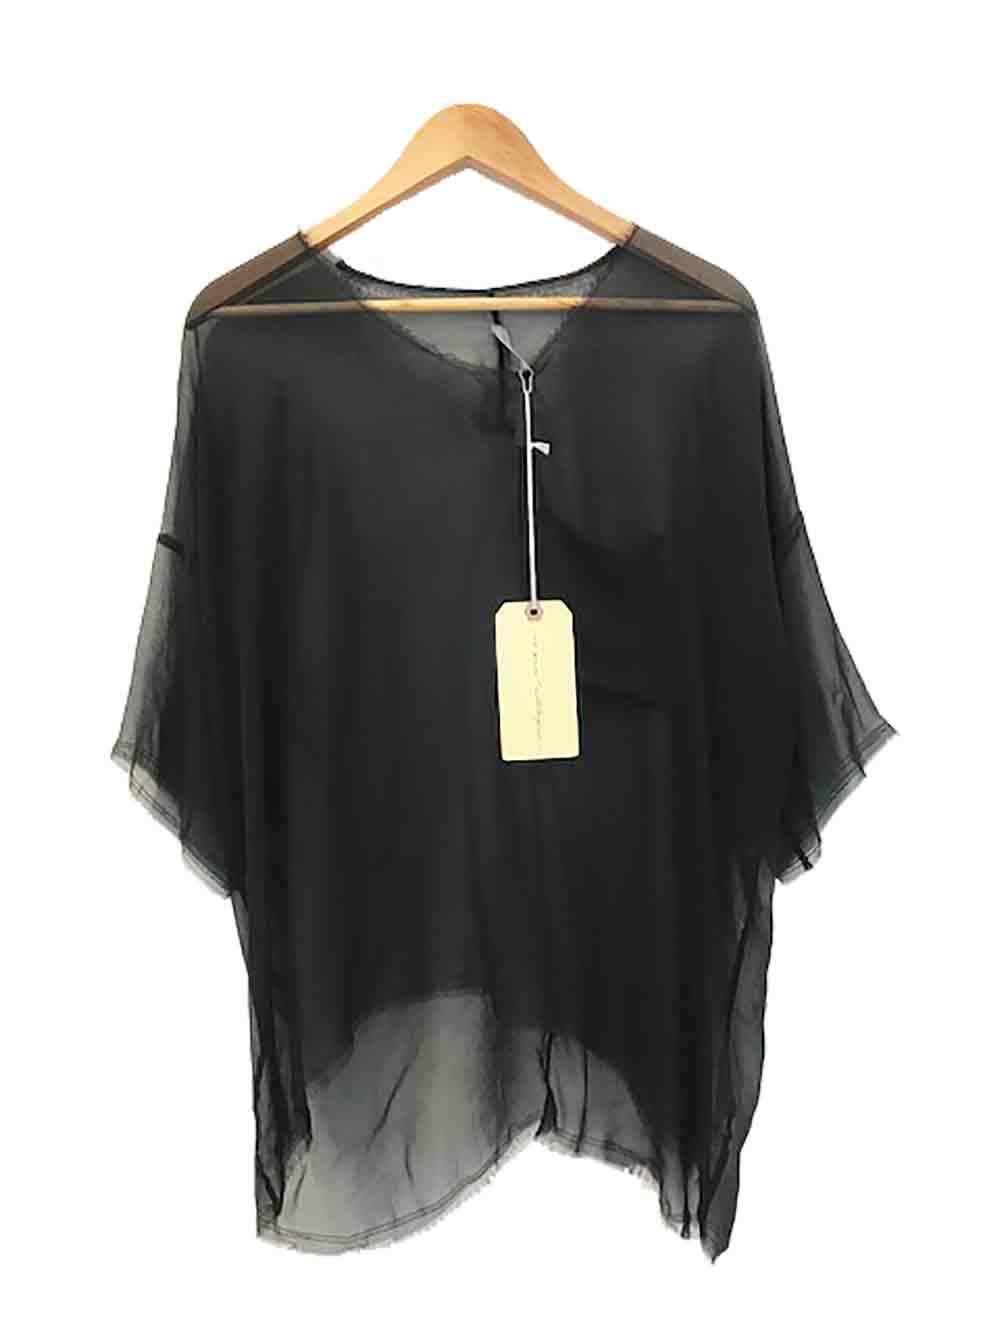 Designer Raquel Allegra Größe 0 (6 to 8 AU) 'Boxy Tee' Style Silk Woherren Top